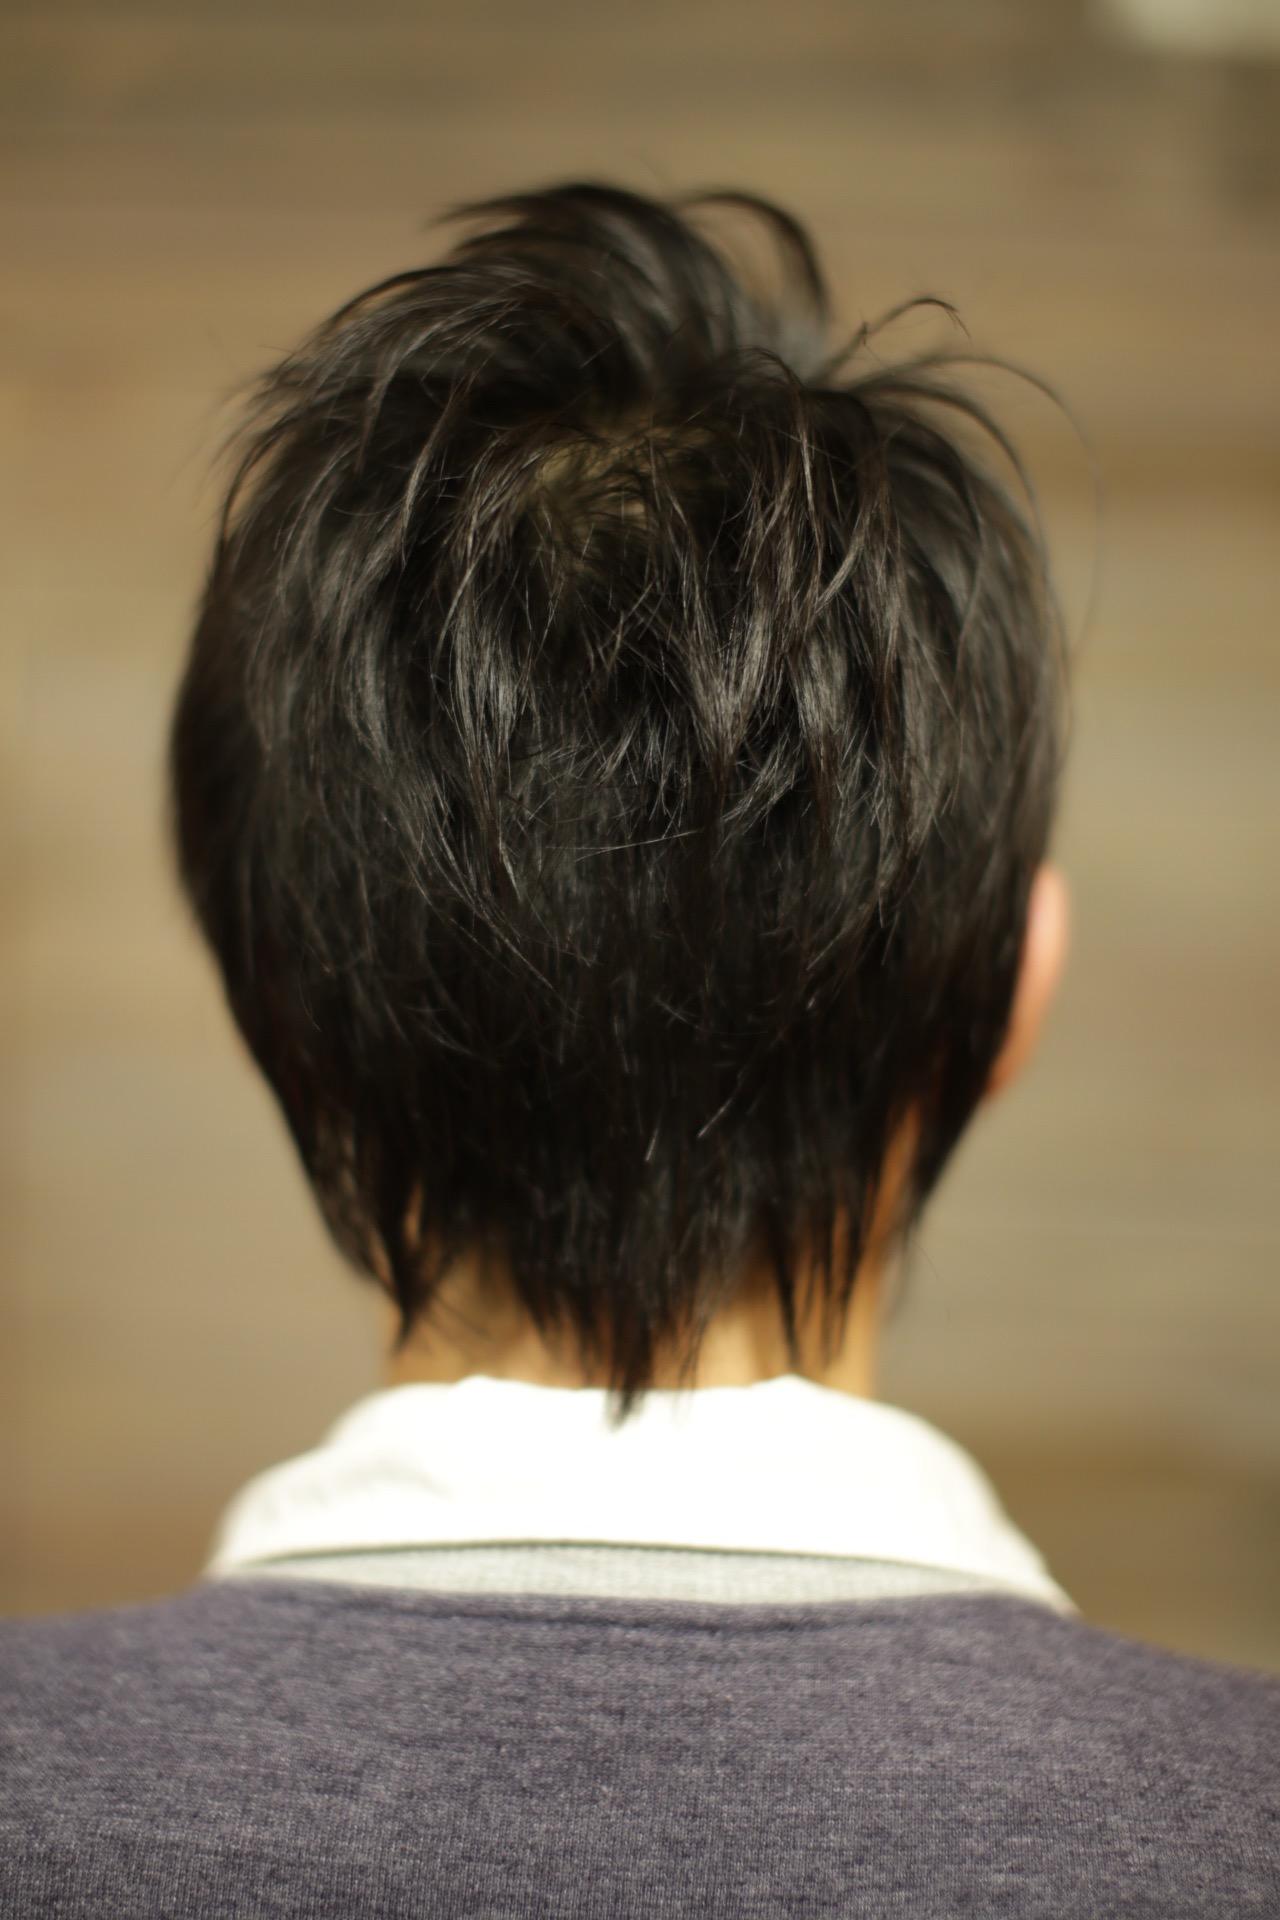 新宿 歌舞伎町の美容室savianのロックでスパイキーなショートヘア メンズカット ツーブロック